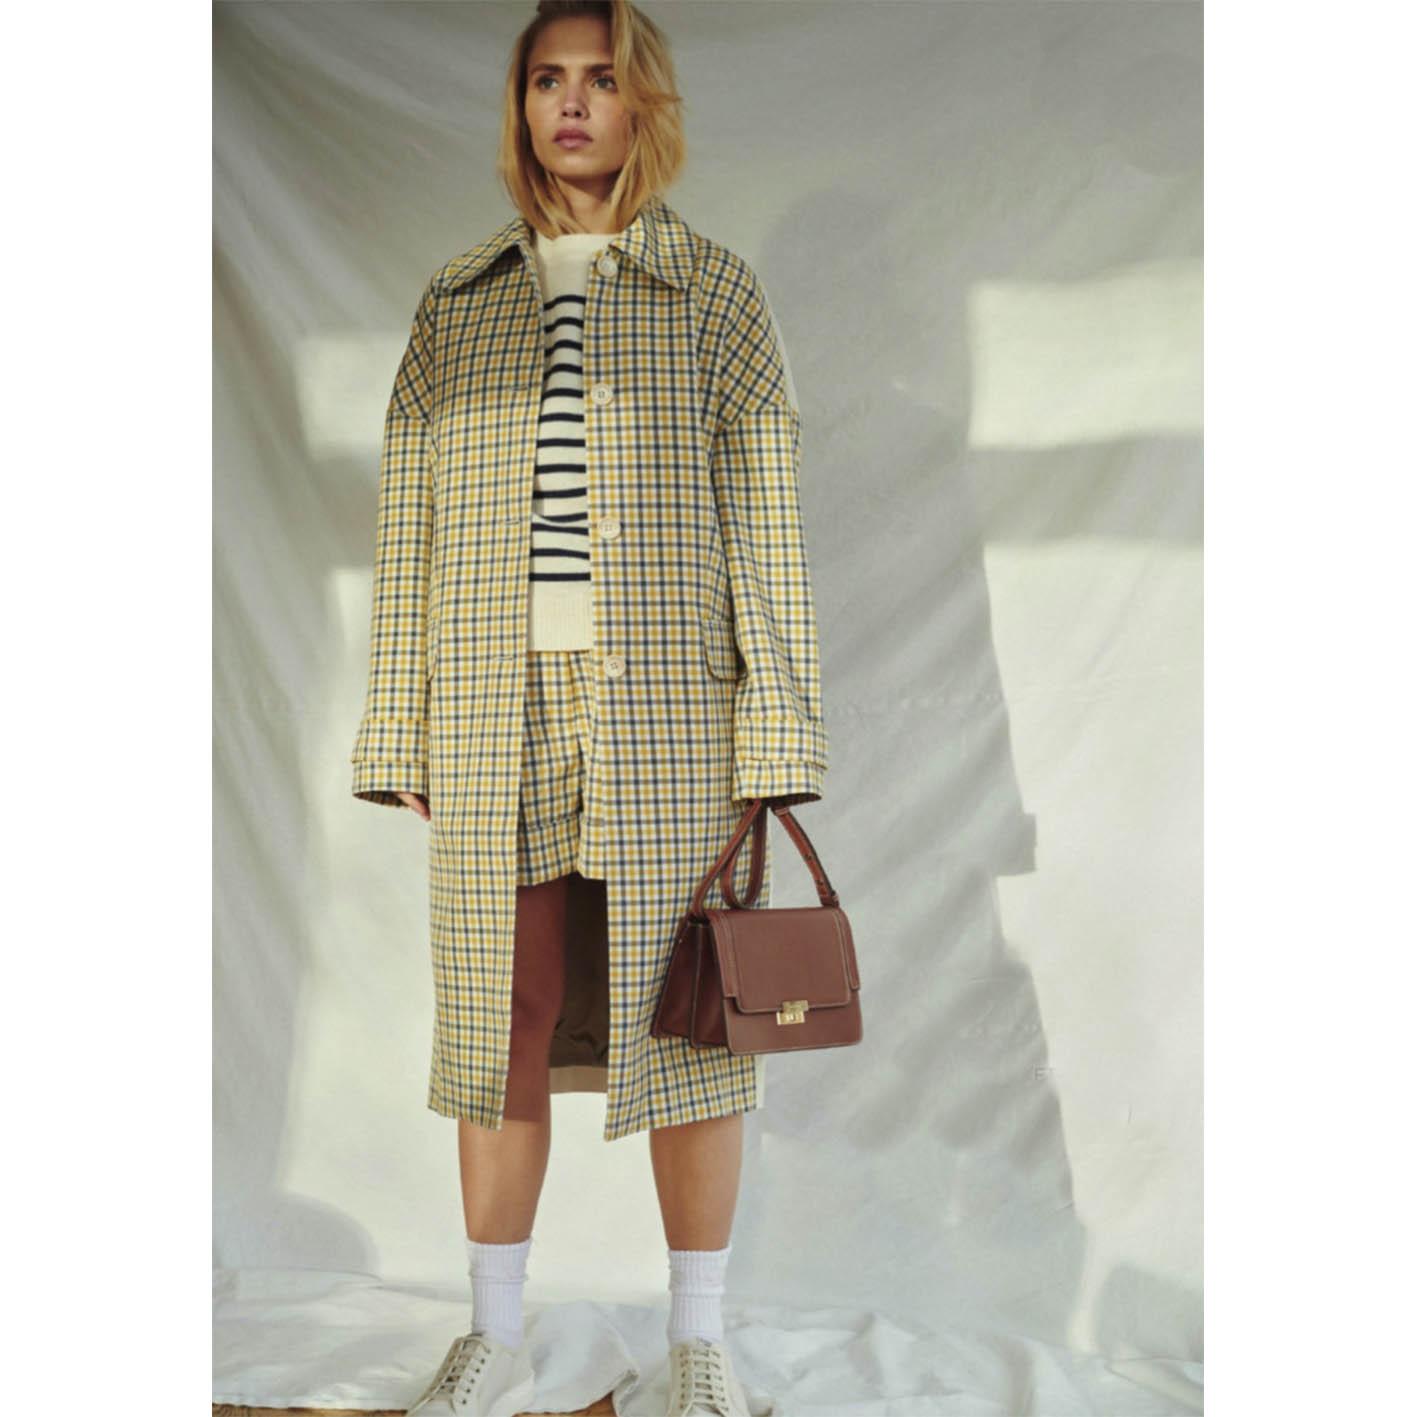 Vores smukke Annika pullover er vist i modemagasinet KK.no fra Norge